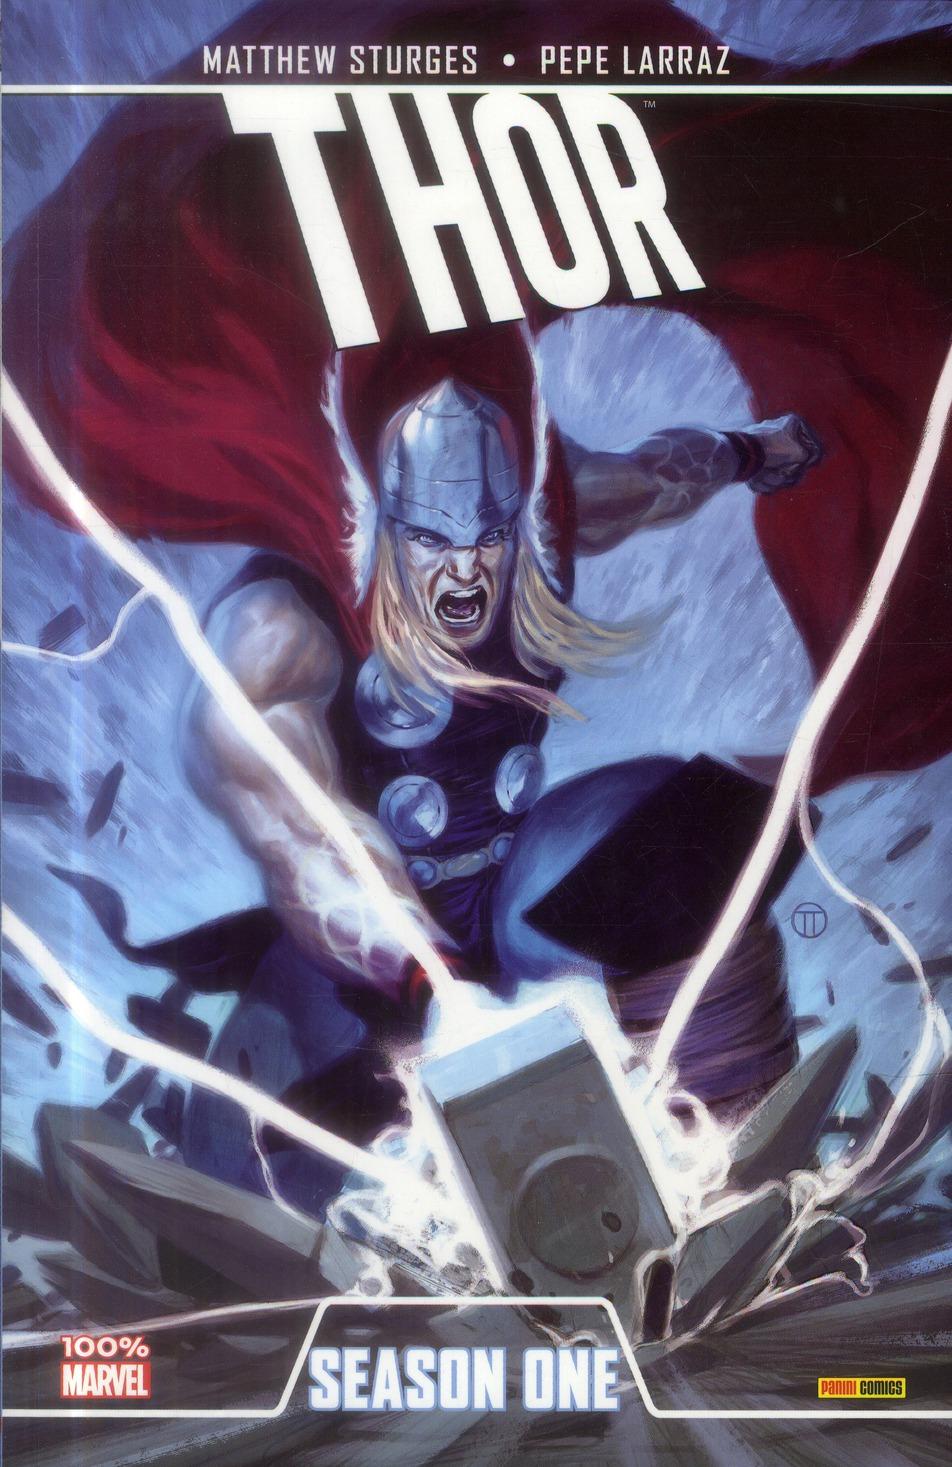 Thor Season One